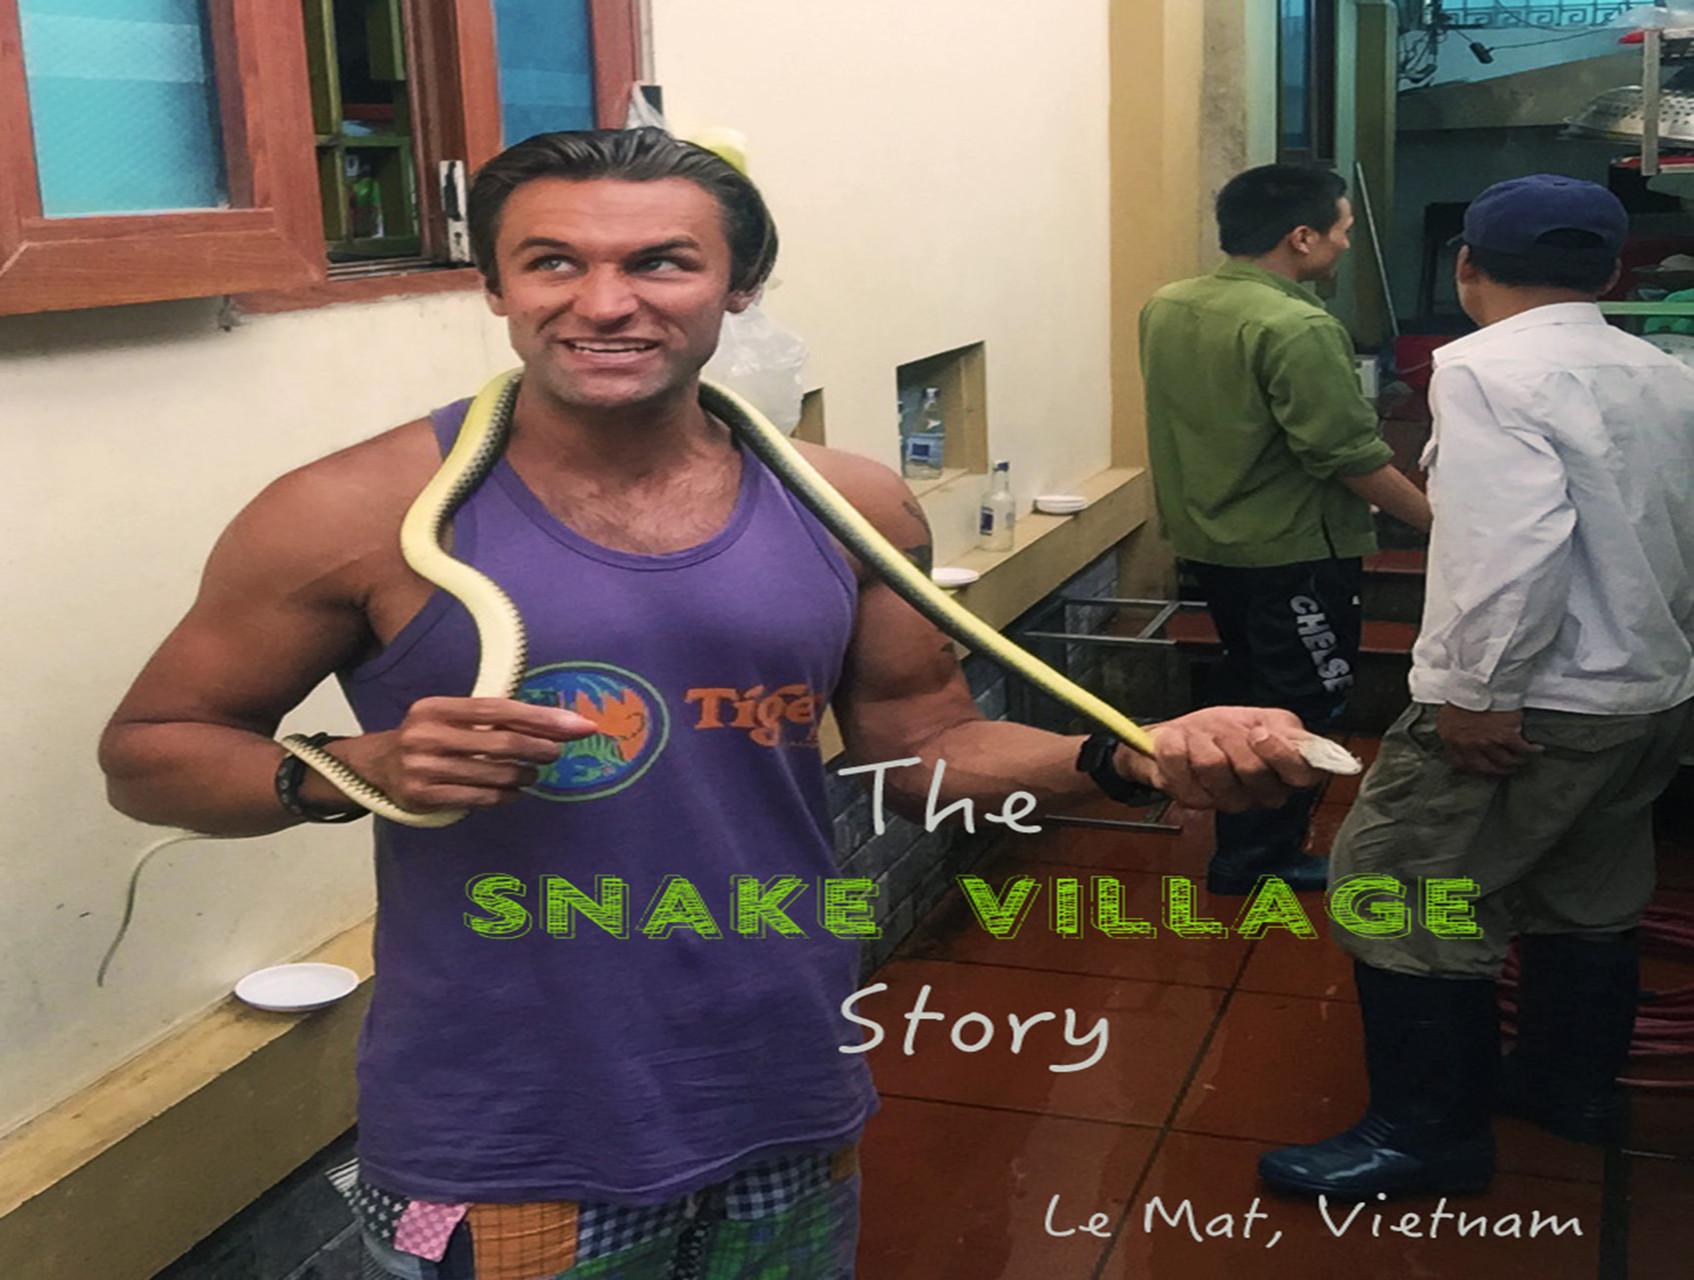 The Snake Village Story